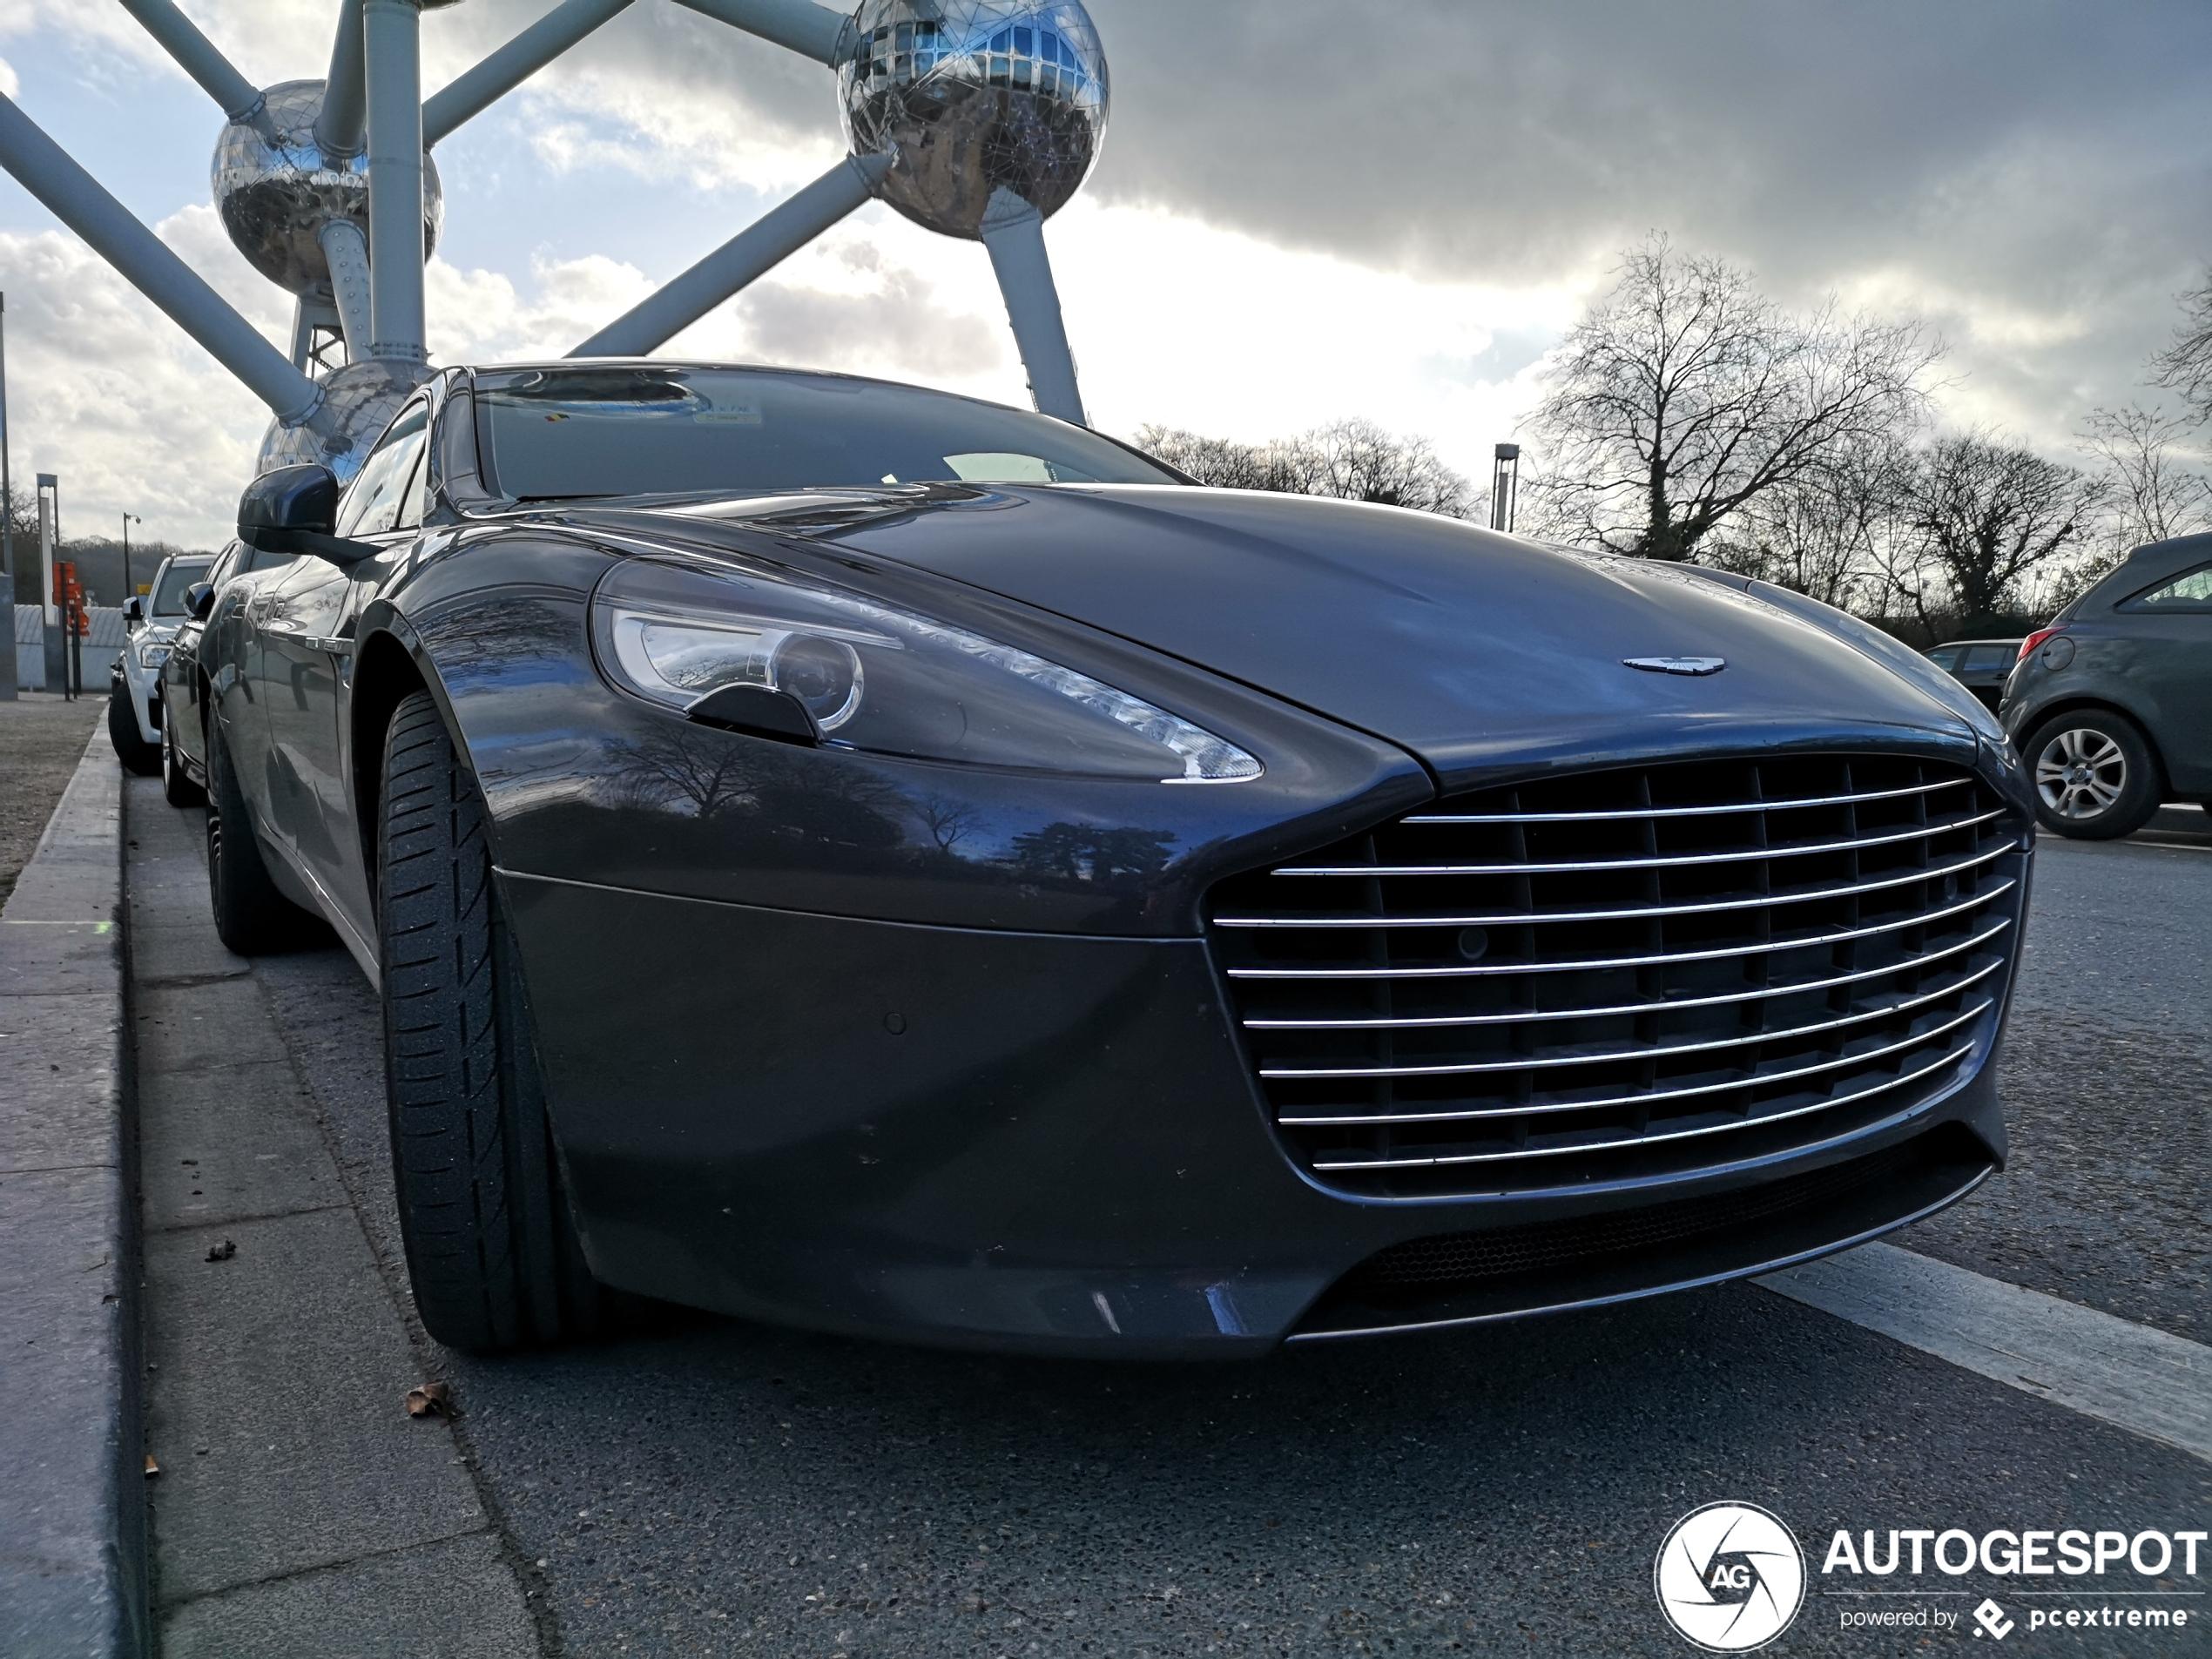 Aston Martin Rapide S heeft een prachtige neus